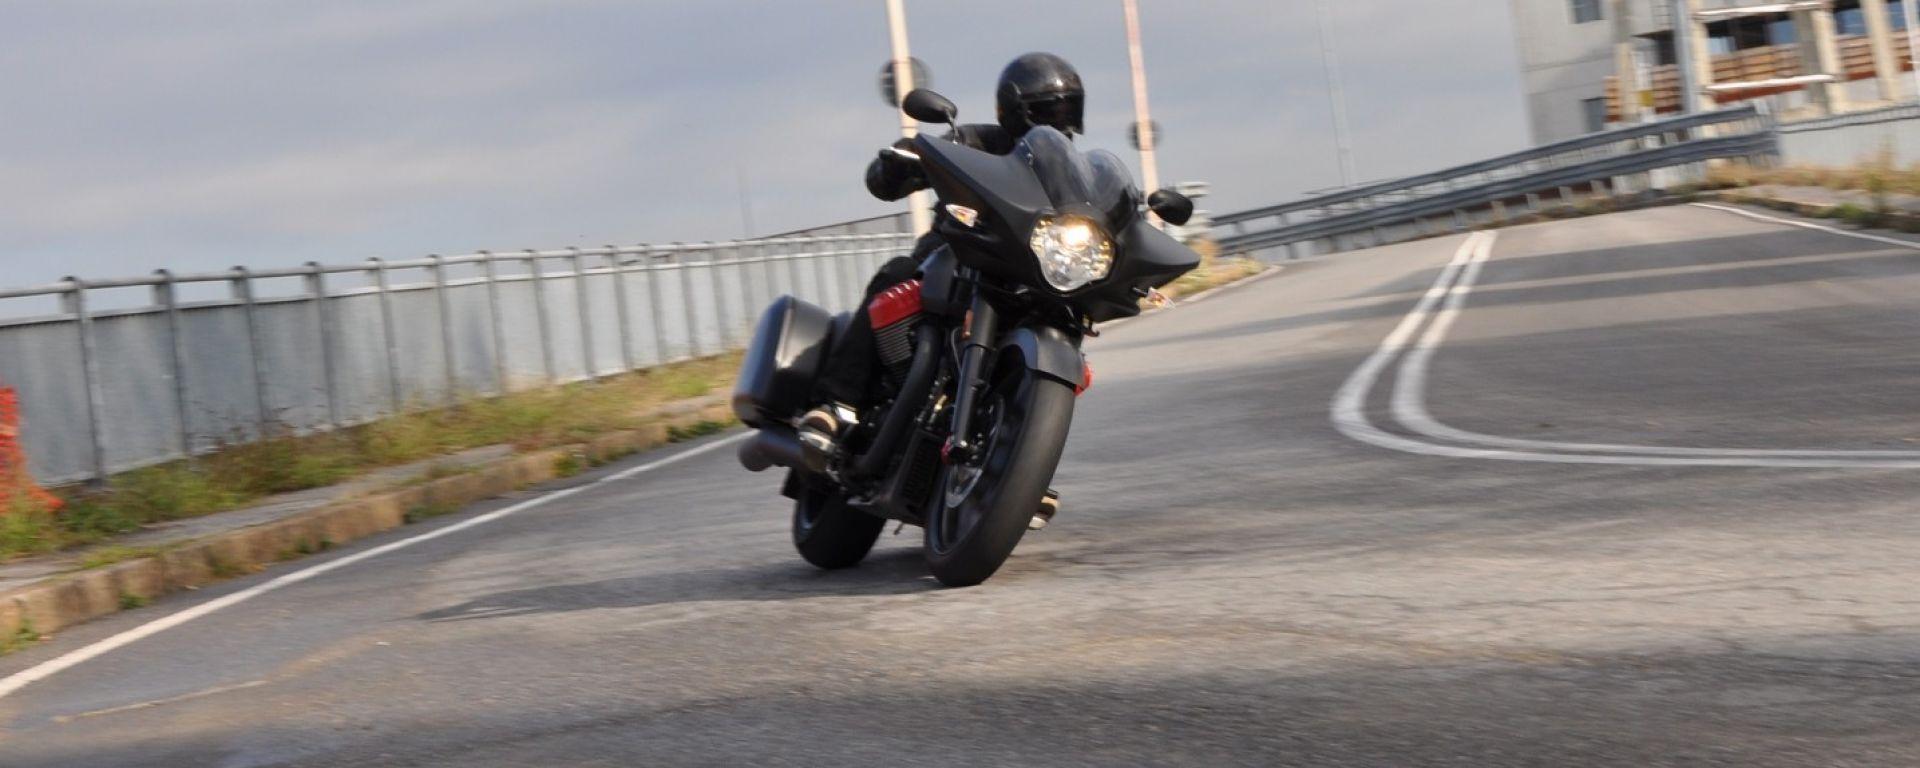 Moto Guzzi MGX-21: la prova della bagger di Mandello